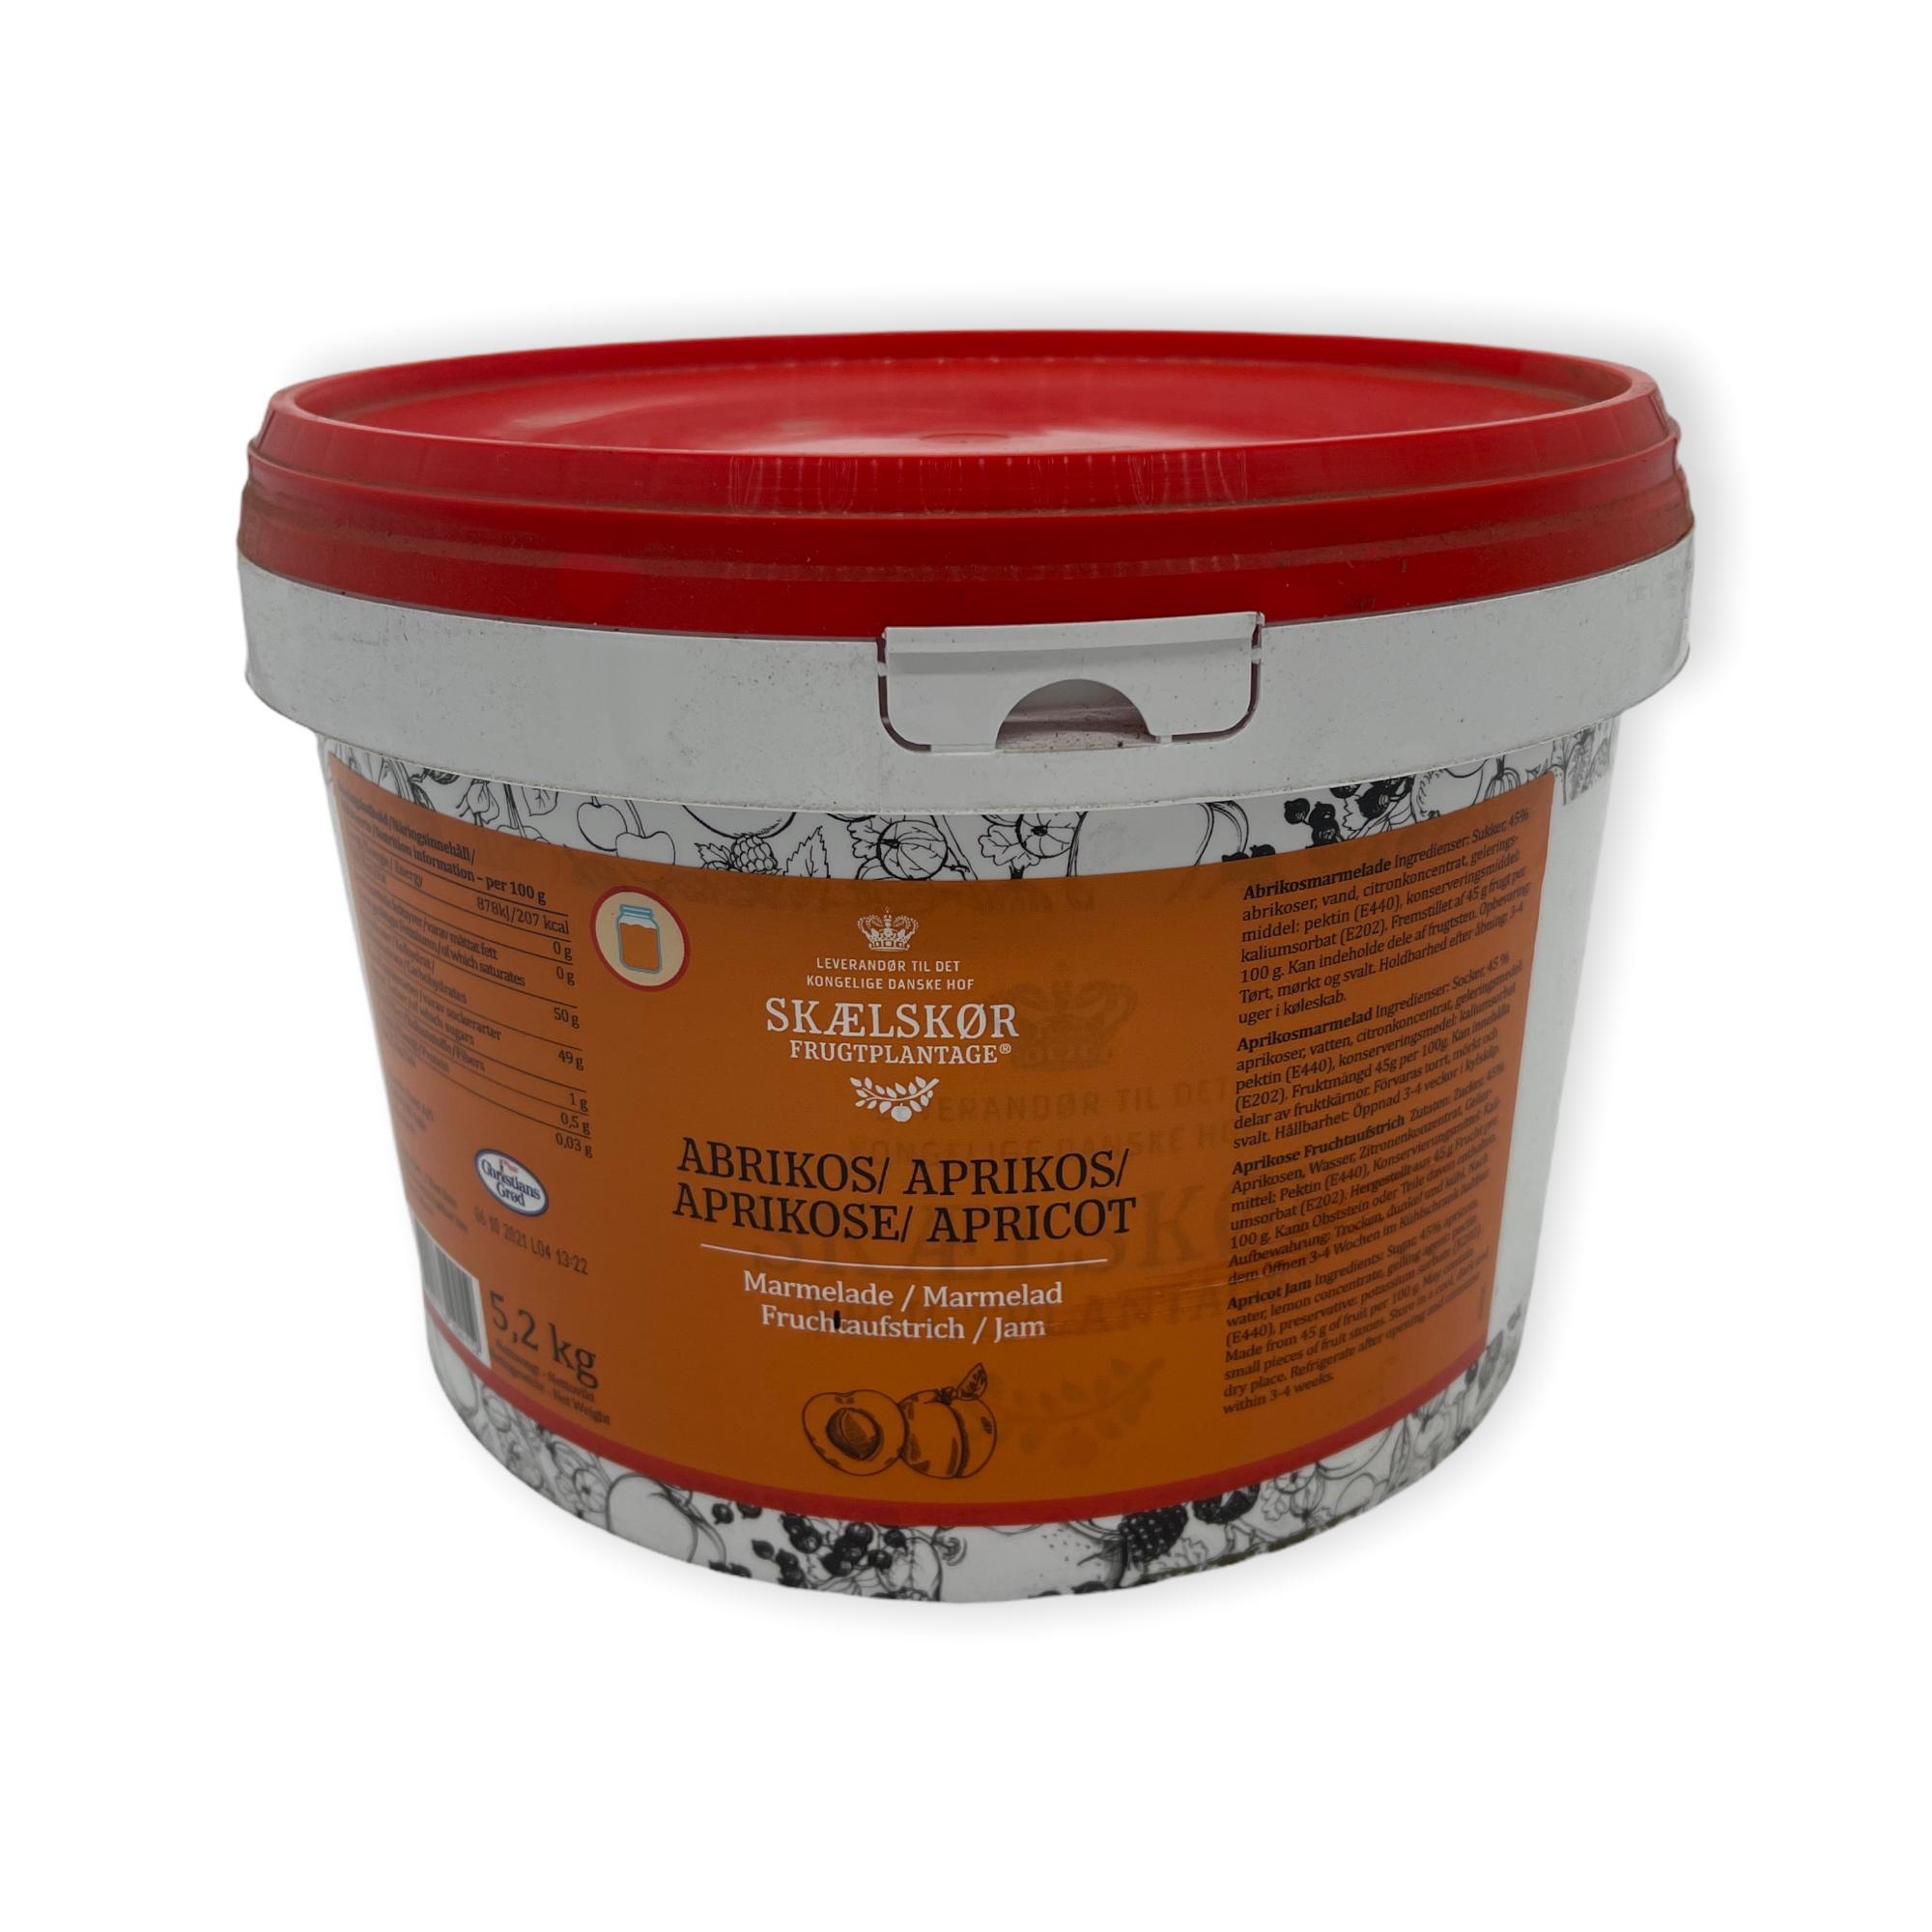 Aprikosen Marmelade 5.2 kg